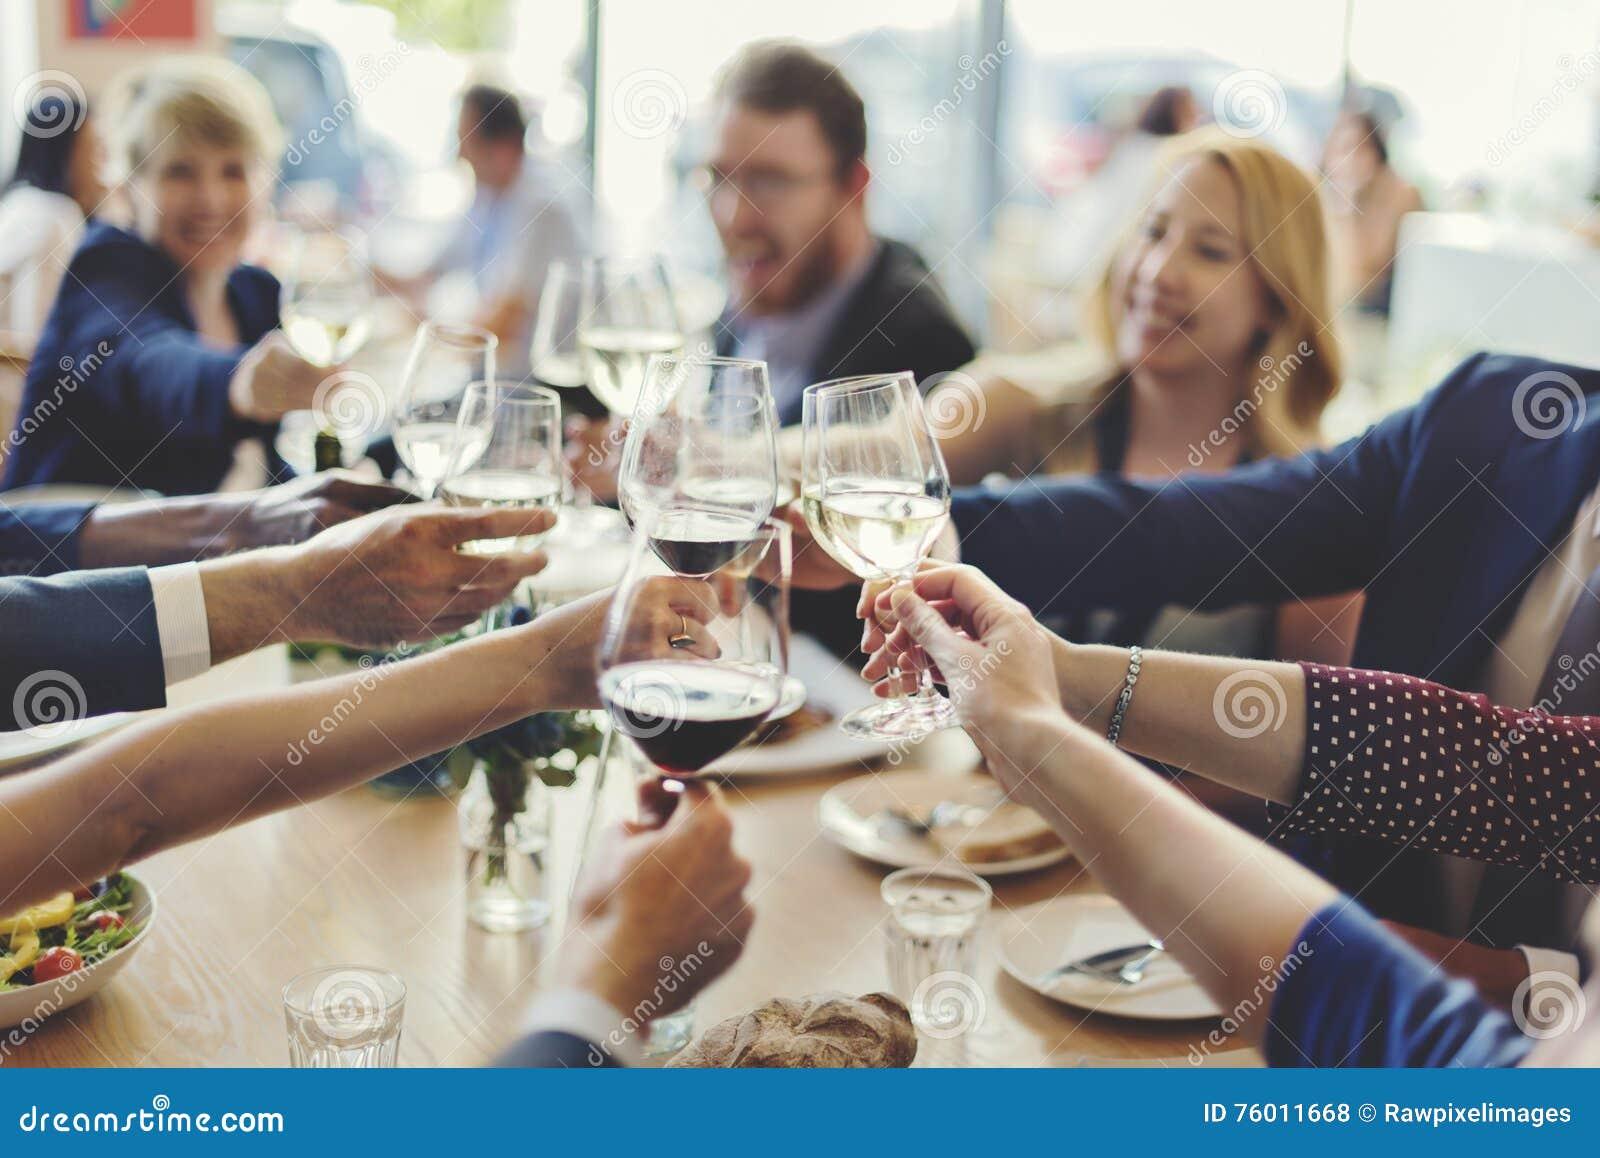 Έννοια επιτυχίας εορτασμού κόμματος επιχειρηματιών